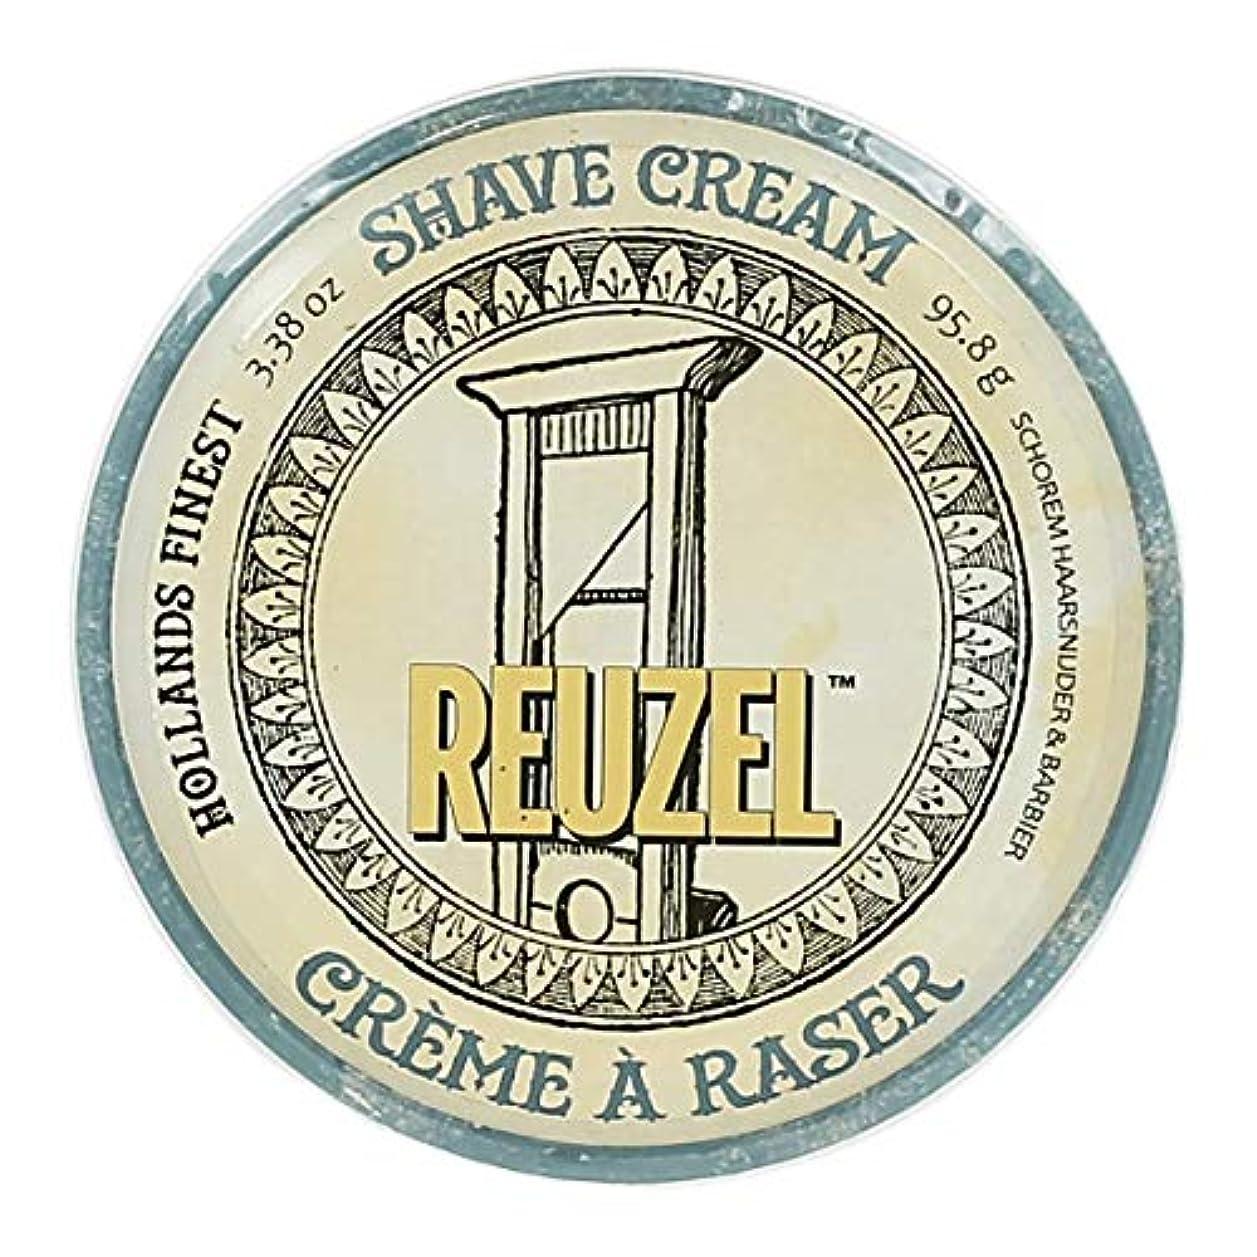 モーテル嬉しいです赤字REUZEL ルーゾー シェーブクリーム 95g[海外直送品] [並行輸入品]